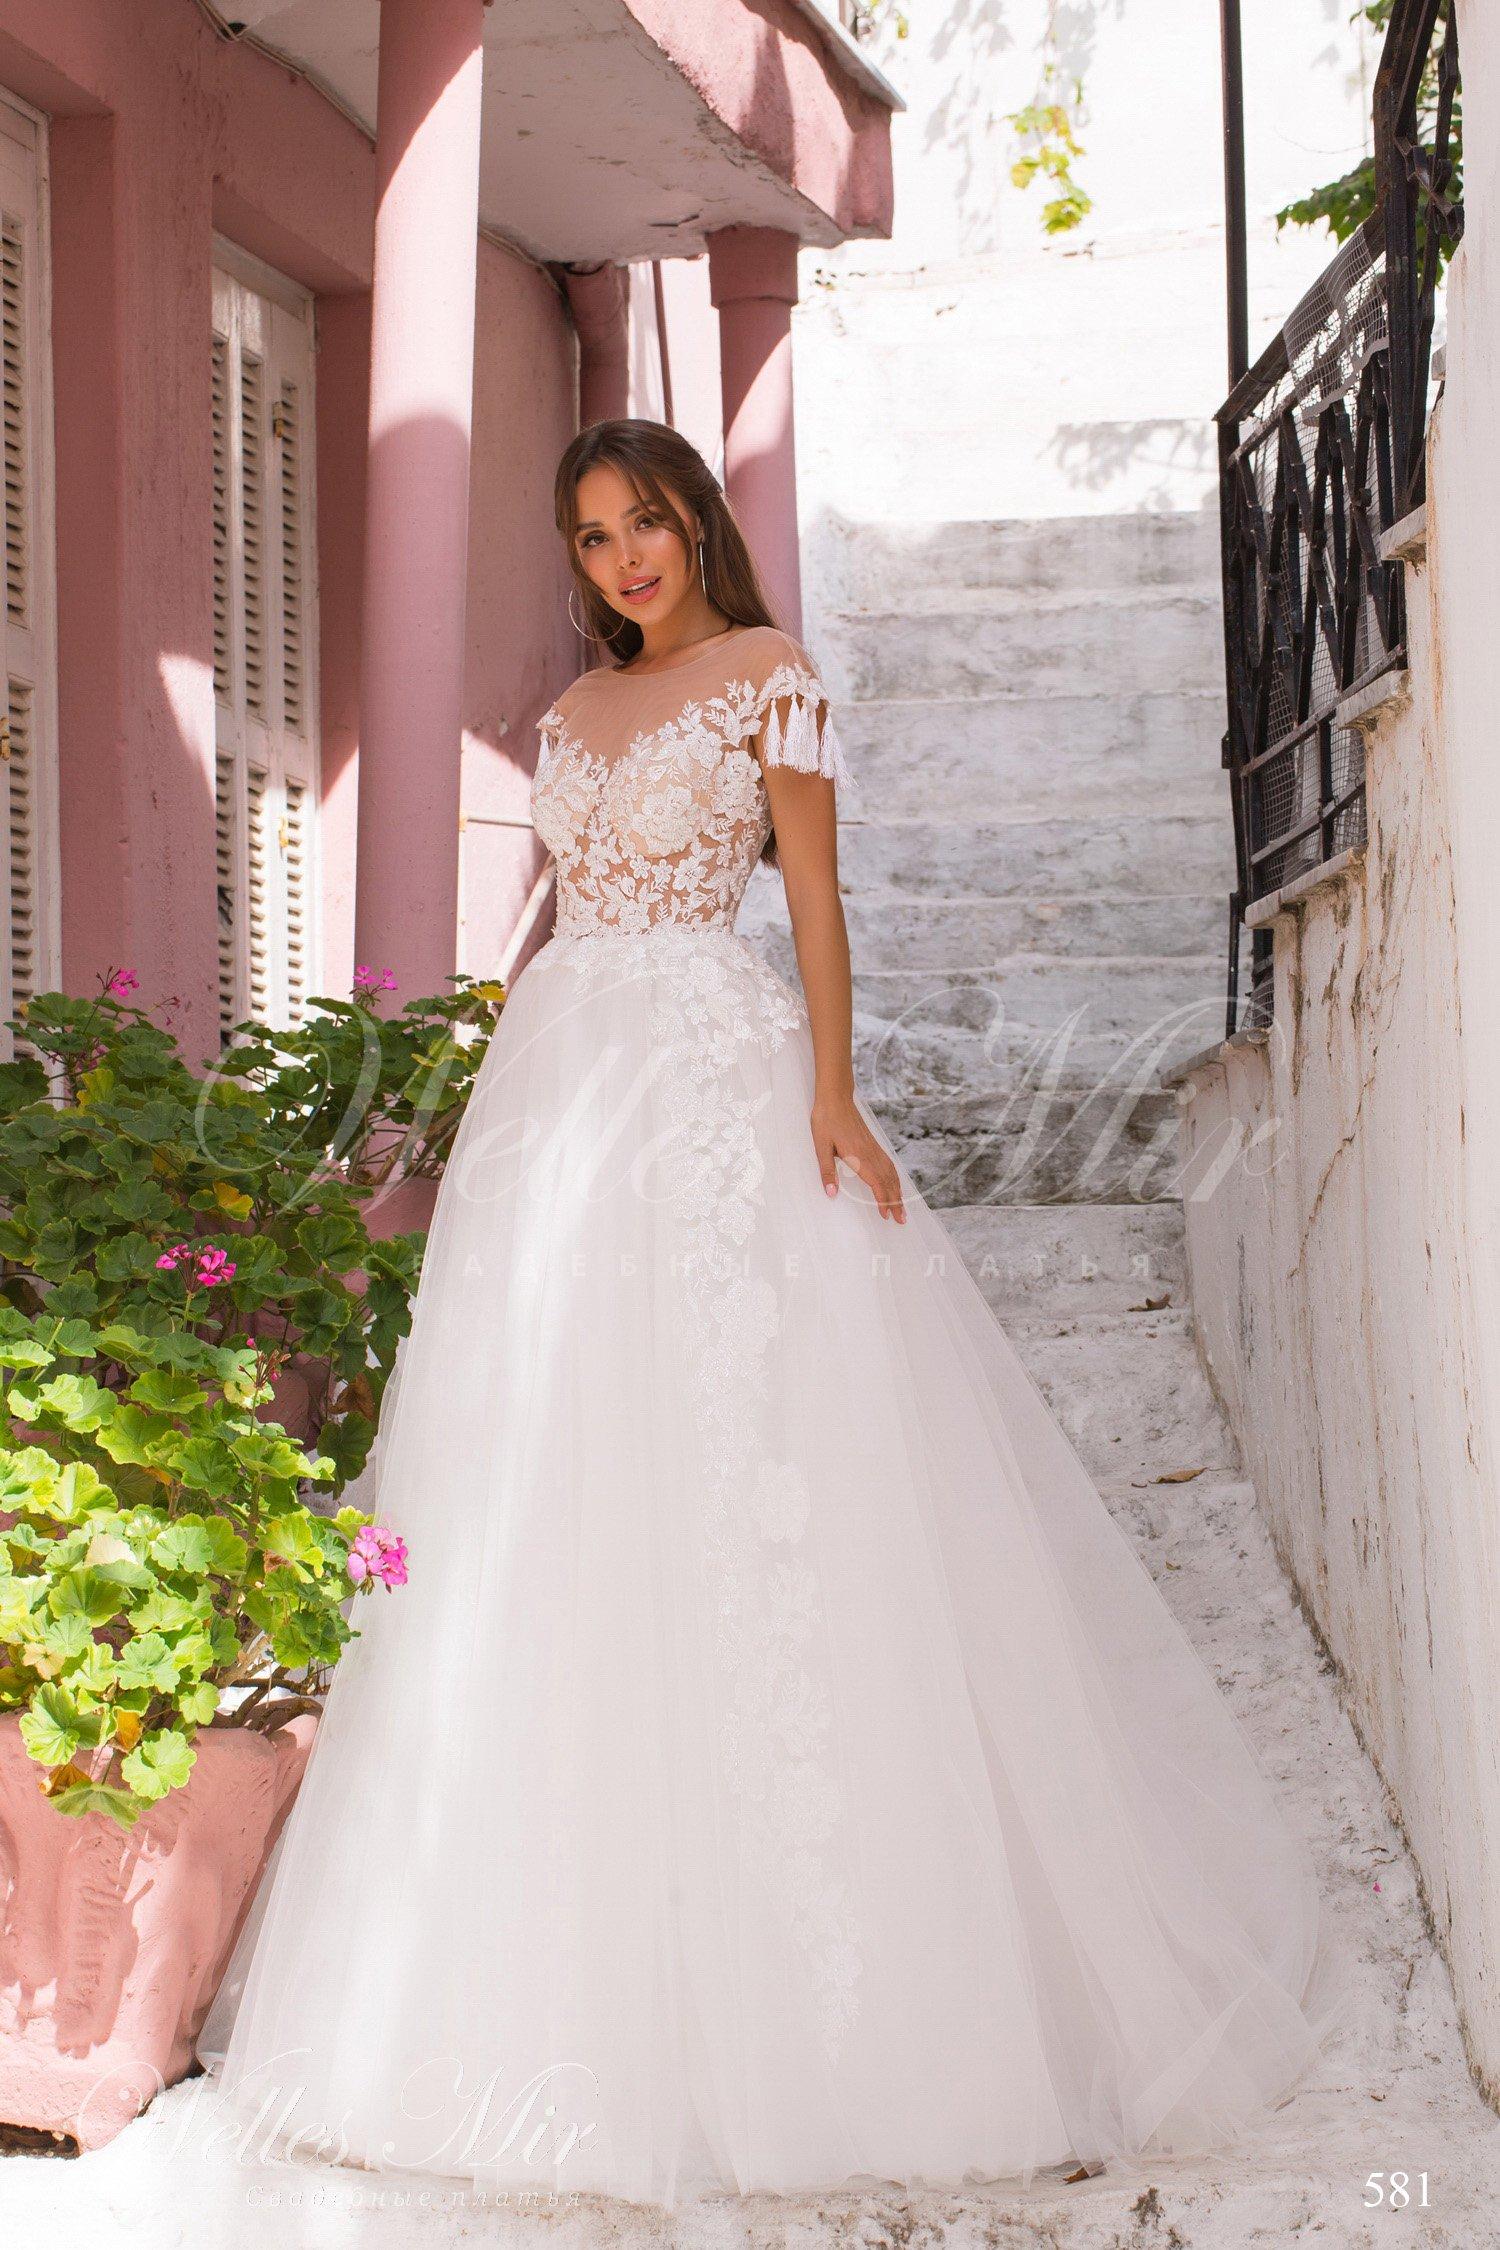 Свадебные платья Limenas Collection - 581